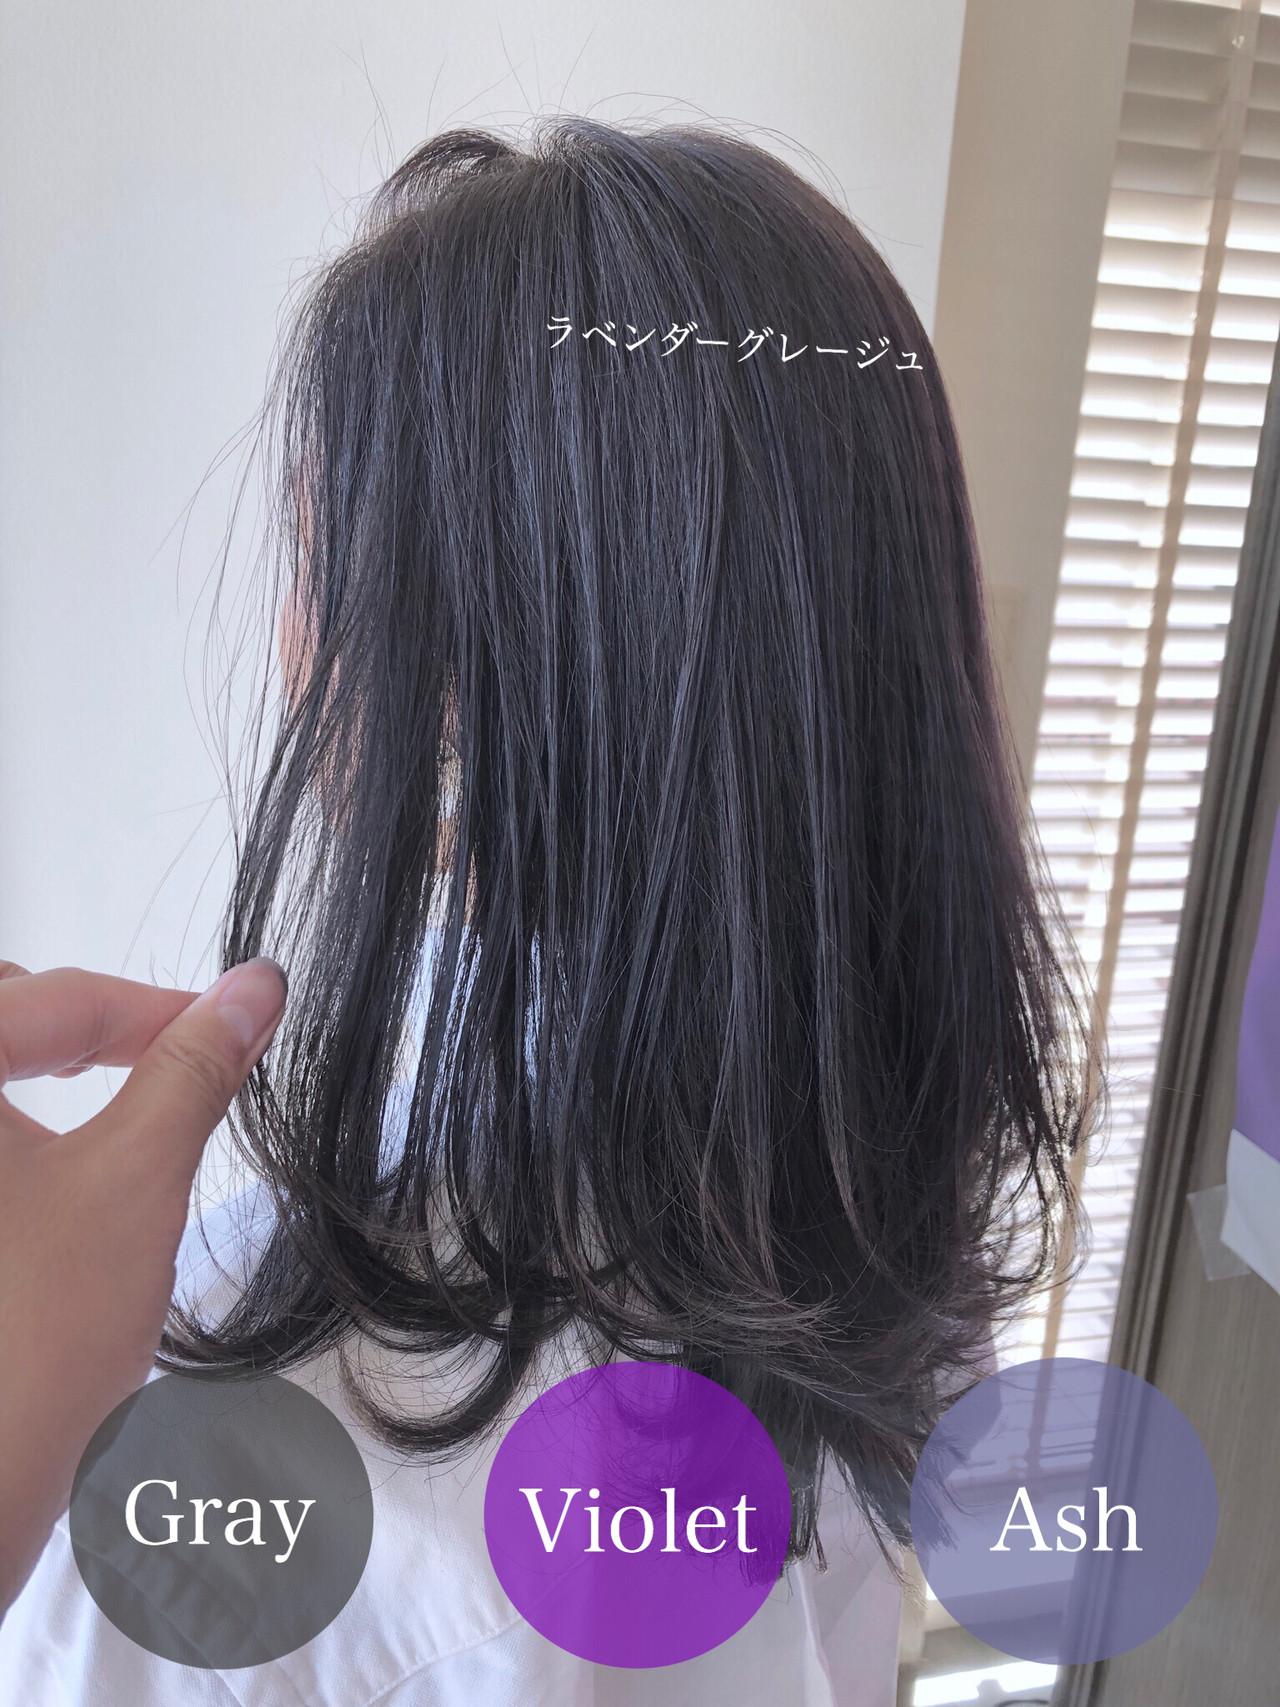 ナチュラル ヘアカラー グレージュ ブリーチ ヘアスタイルや髪型の写真・画像